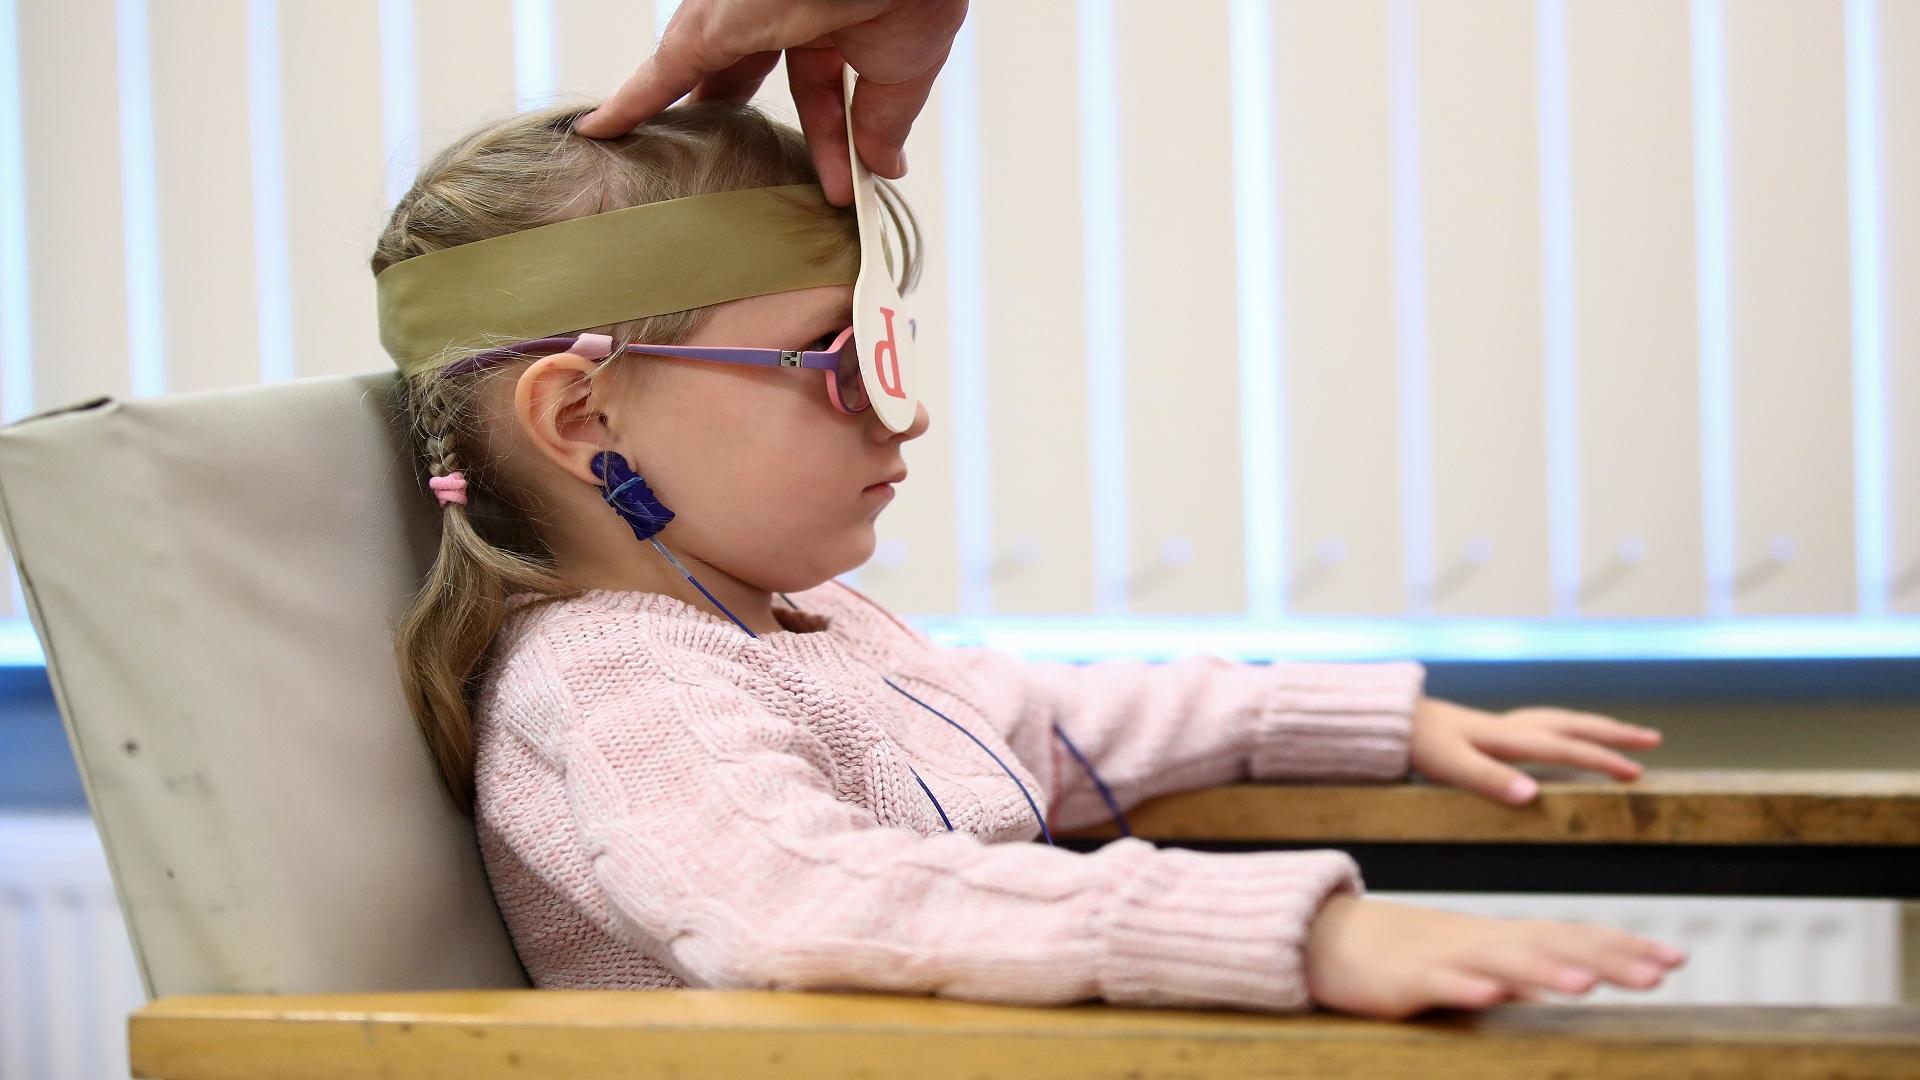 """""""العين الكسولة"""" تؤثر على وظائف الدماغ ؟؟"""